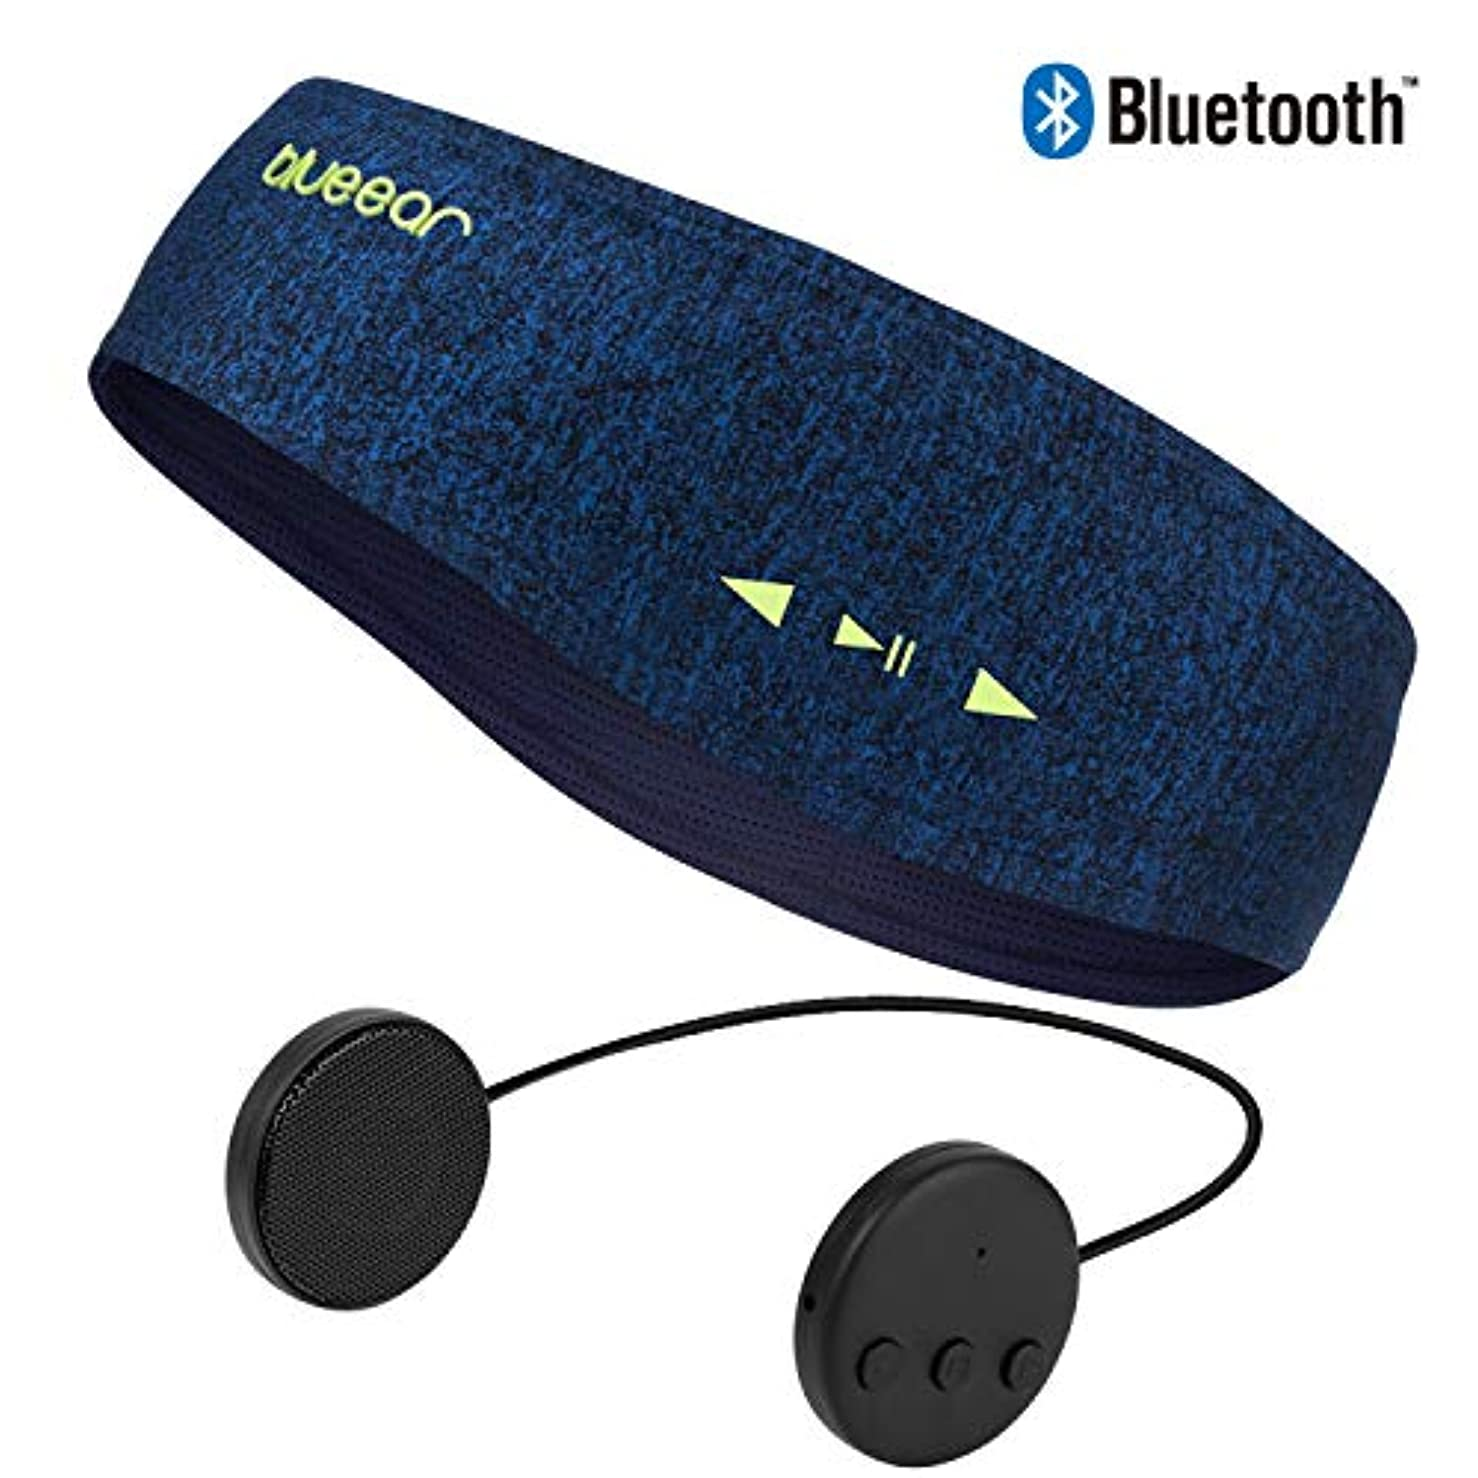 炭素二層差し迫ったBlueear Bluetooth Headband V4.2ブルートゥース音楽運動ヘッドバンド ワイヤレスイヤホンスカーフ 8時間音楽放送 通話機能付き アウトドアスポーツに適用する ジョギング ハイキング 山登り ヨガ スケート フィットネス 各シーズンに適合する